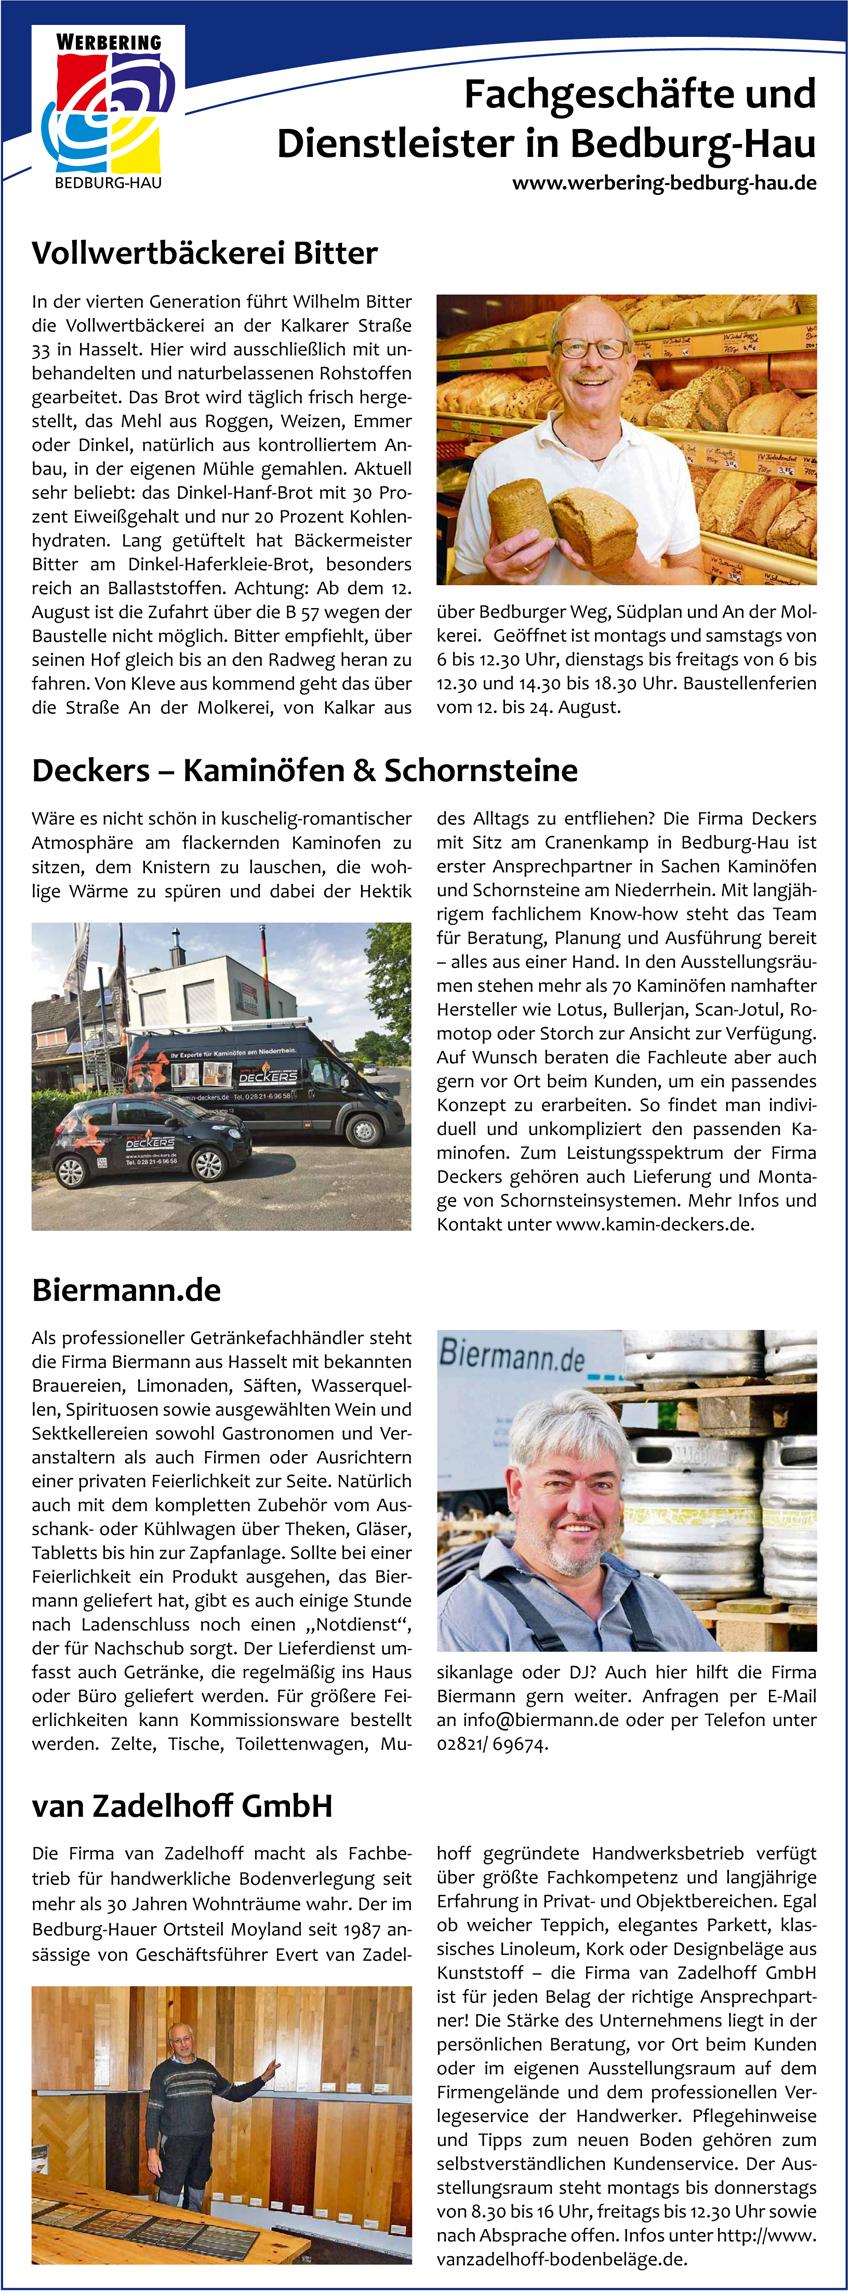 Vier erfolgreiche Unternehmen des Werbering Bedburg-Hau präsentieren sich.